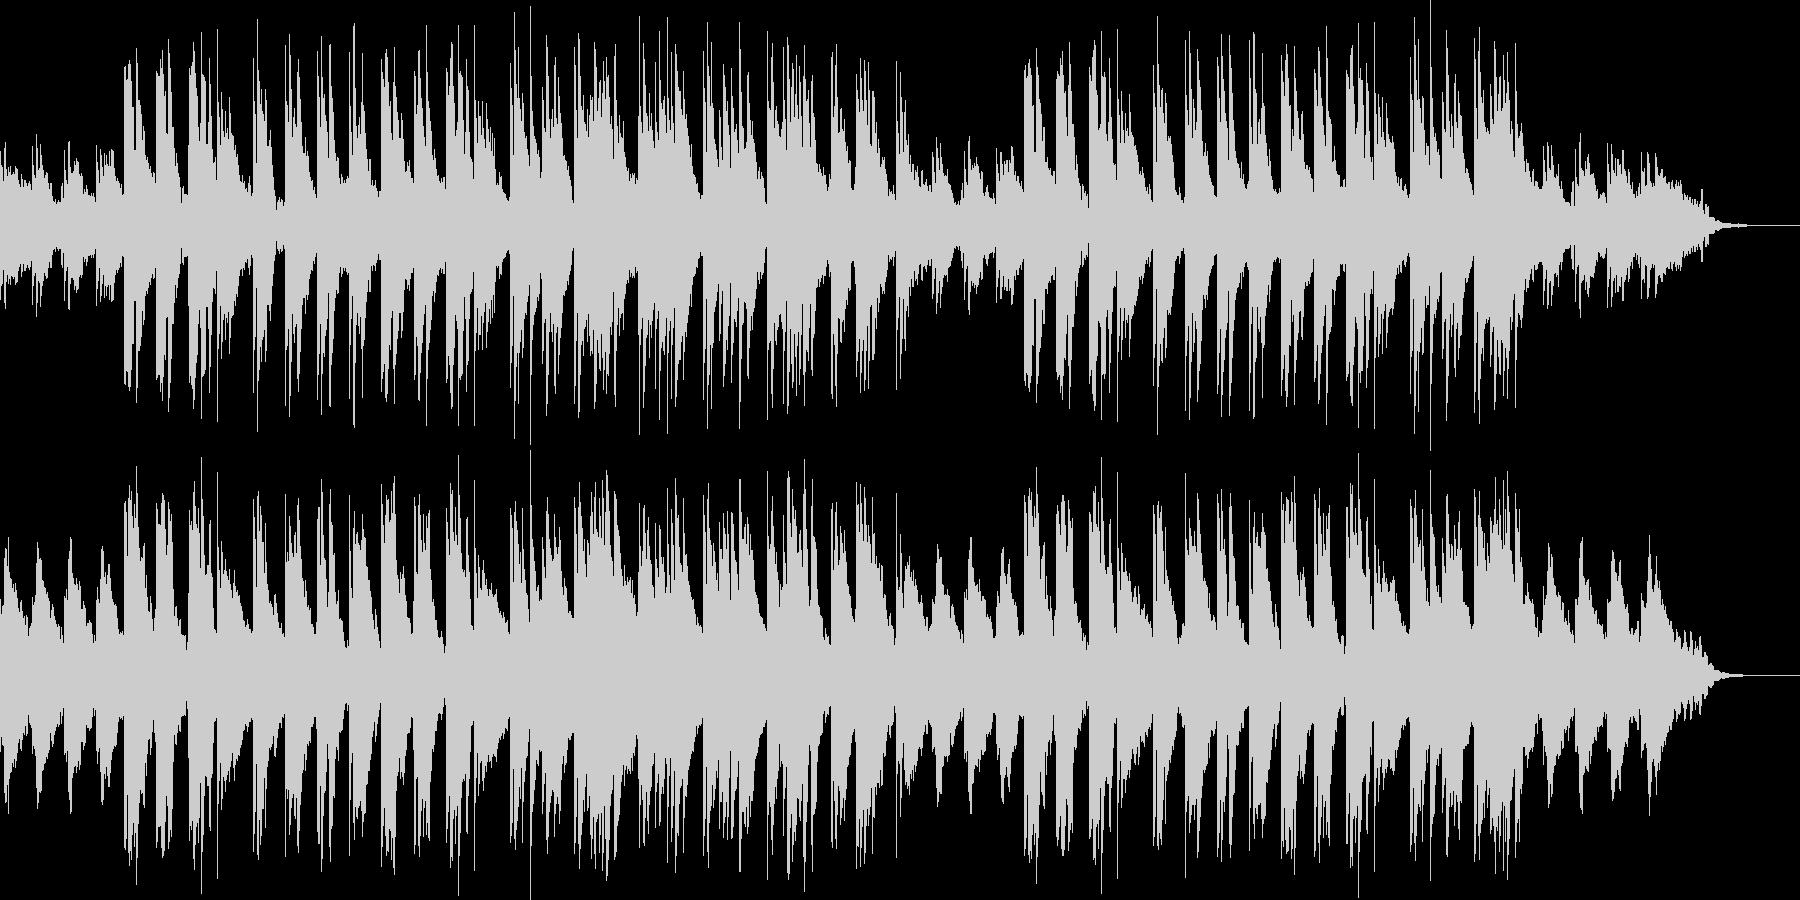 癒やし/アコースティックギター2の未再生の波形